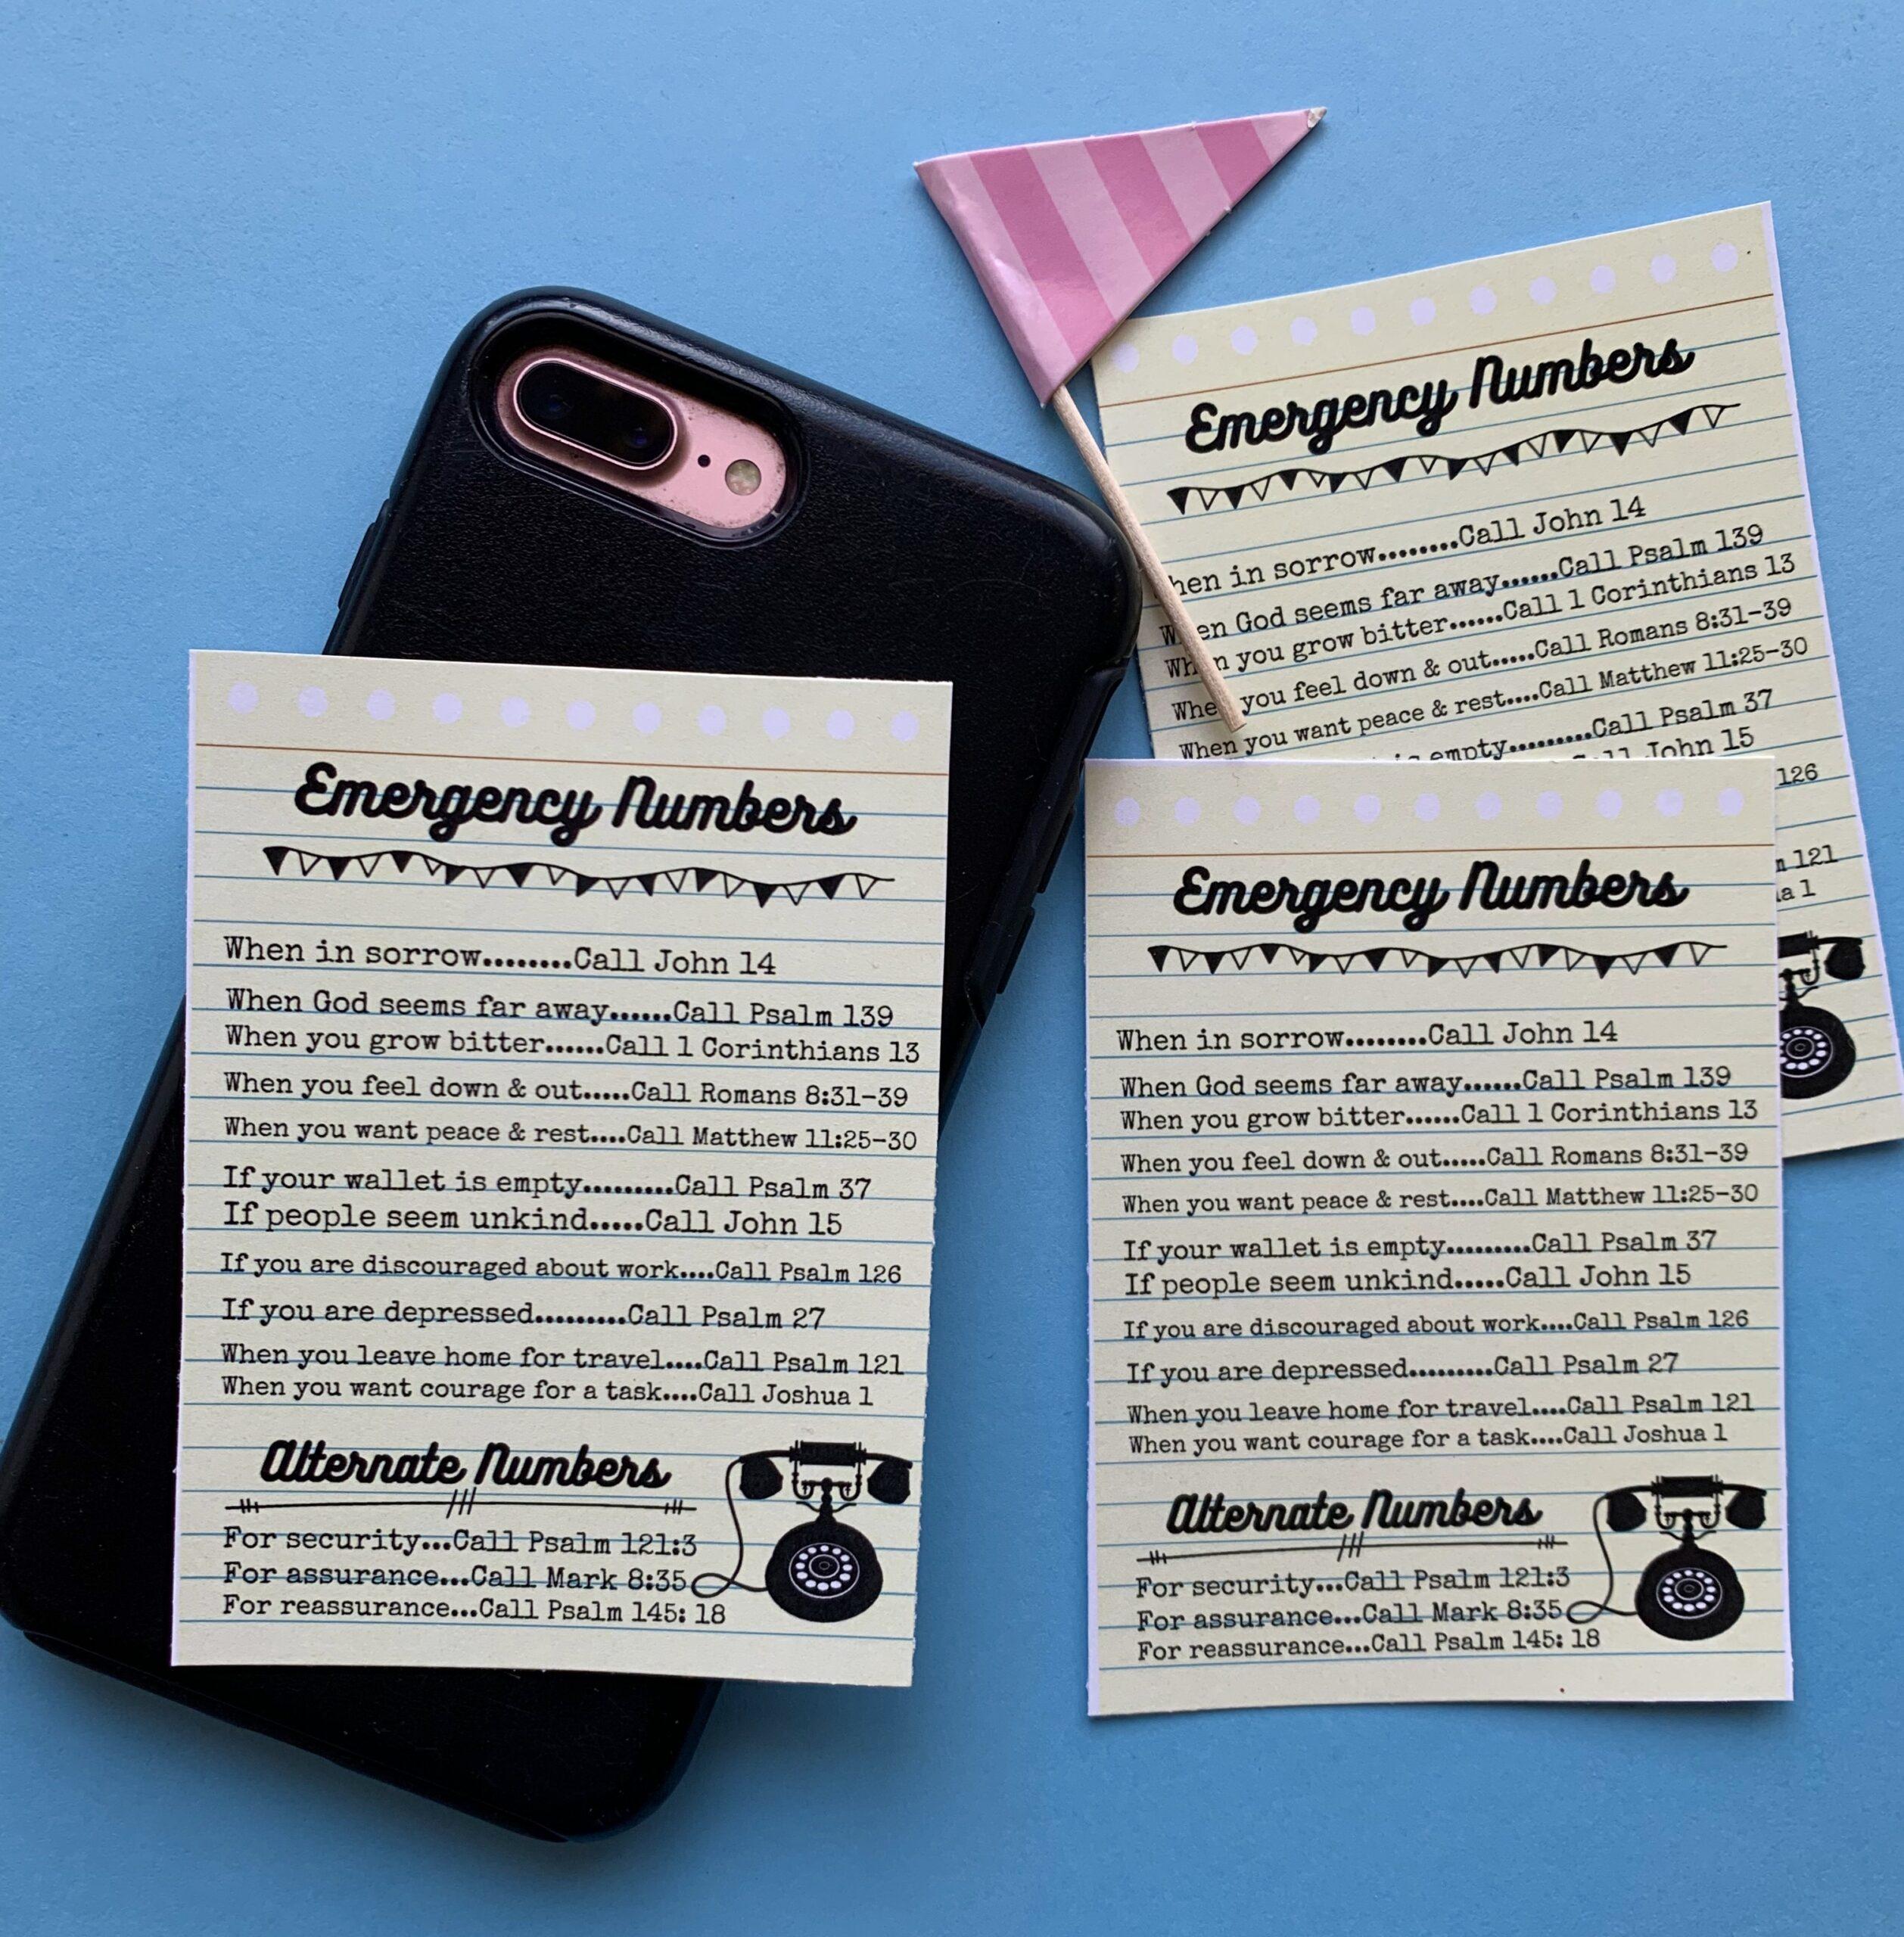 Emergency {Scripture} Numbers.